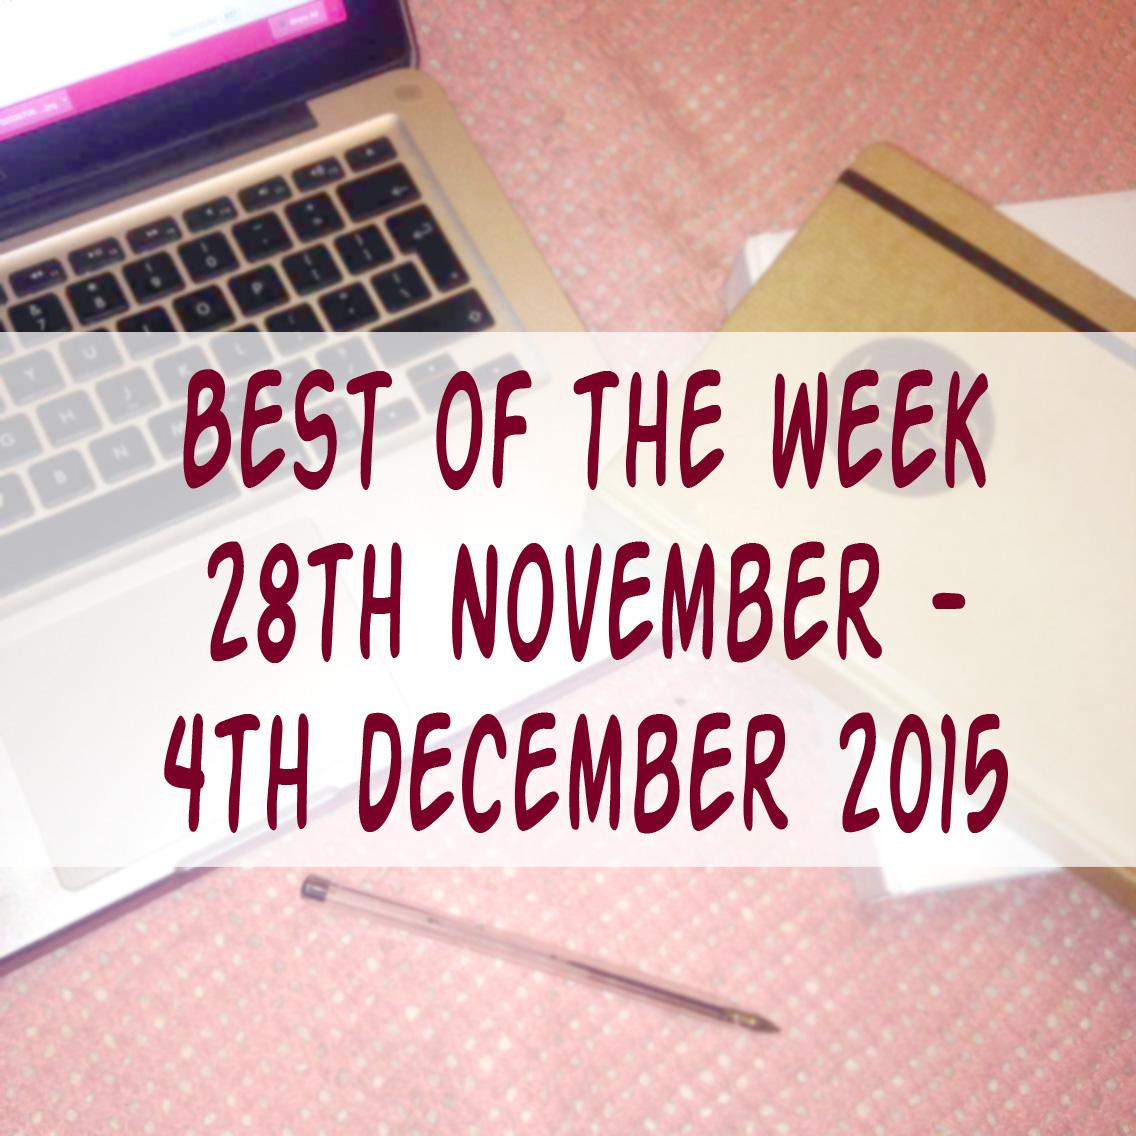 best of the week 04.12.15.jpg